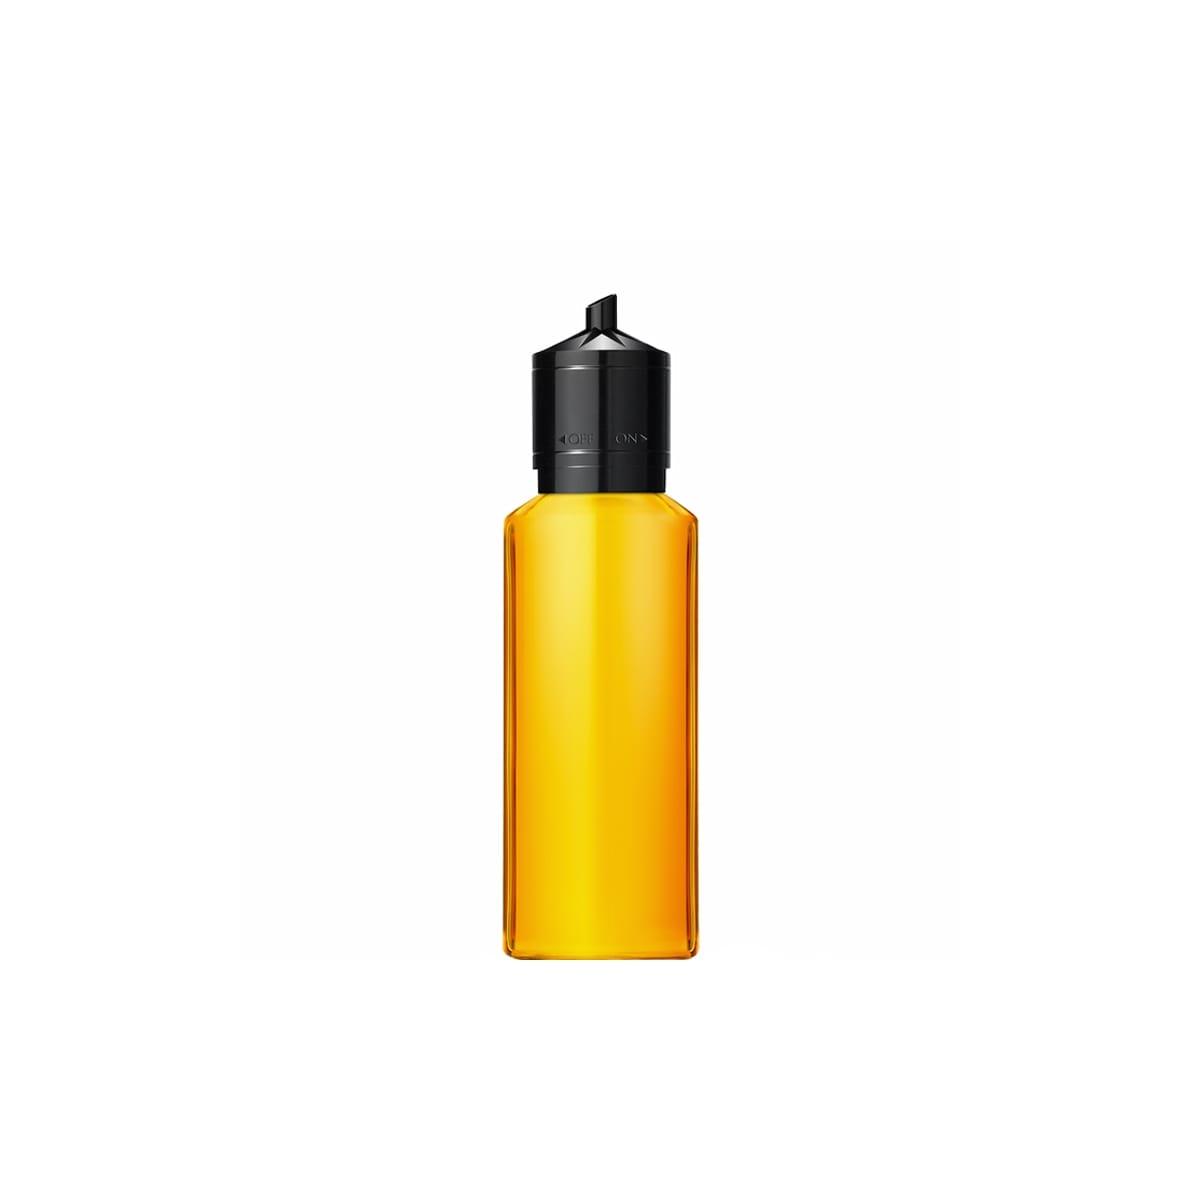 azzaro pour homme eau de toilette recharge 100 ml incenza. Black Bedroom Furniture Sets. Home Design Ideas